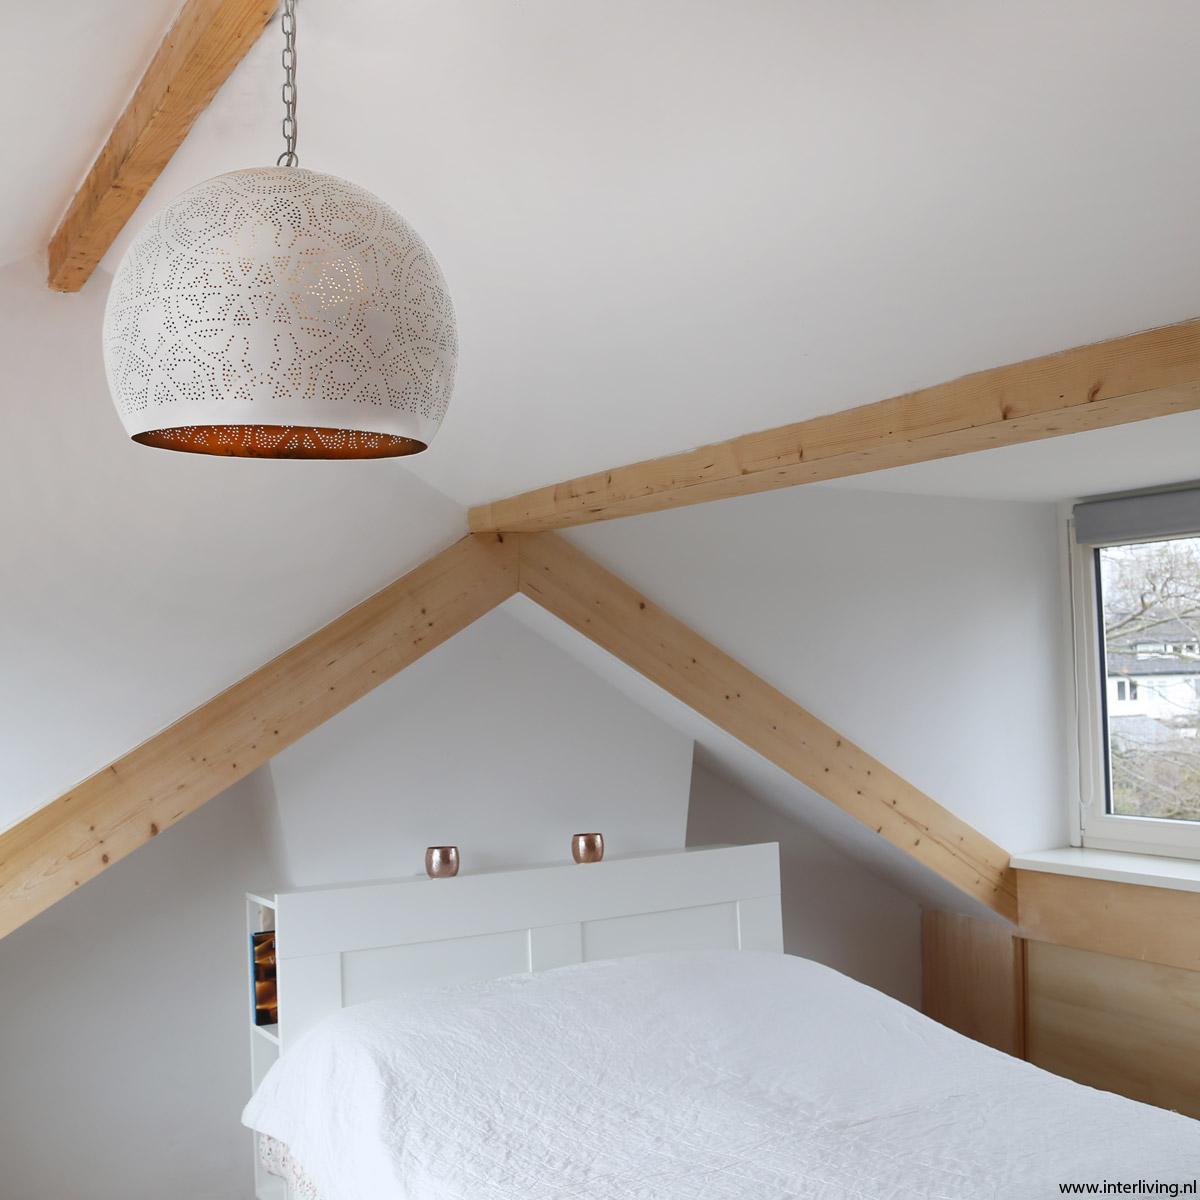 zolder sfeerverlichting romantische slaapkamer tips - filigrain lampen